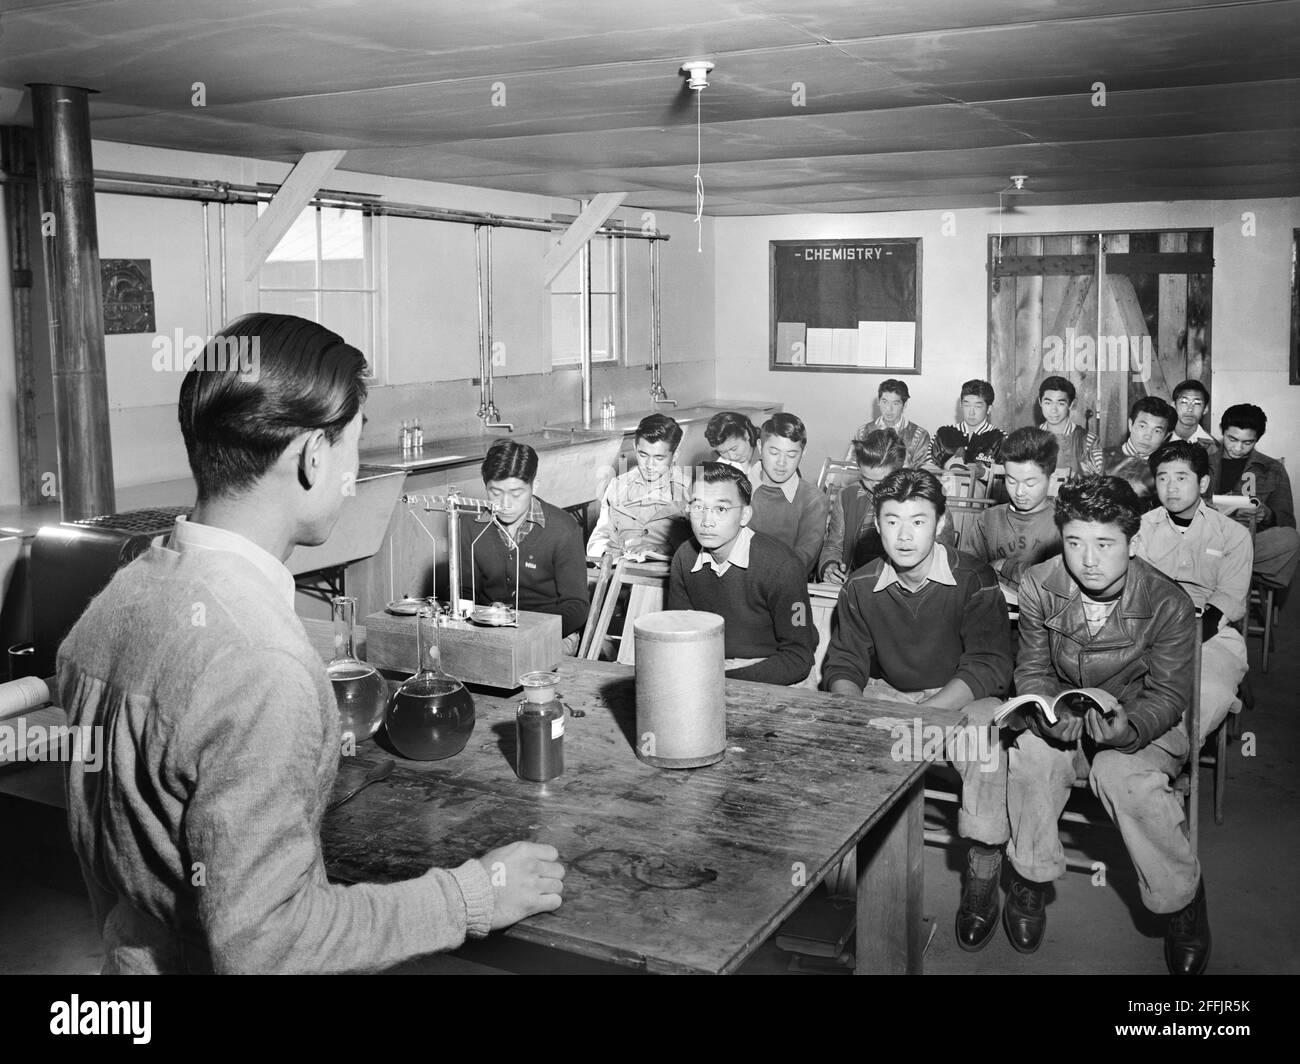 Studenti giapponesi-americani che si trovano in Chemistry Classroom, Manzanar Relocation Center, California, USA, Ansel Adams, Manzanar War Relocation Center Collection, 1943 Foto Stock